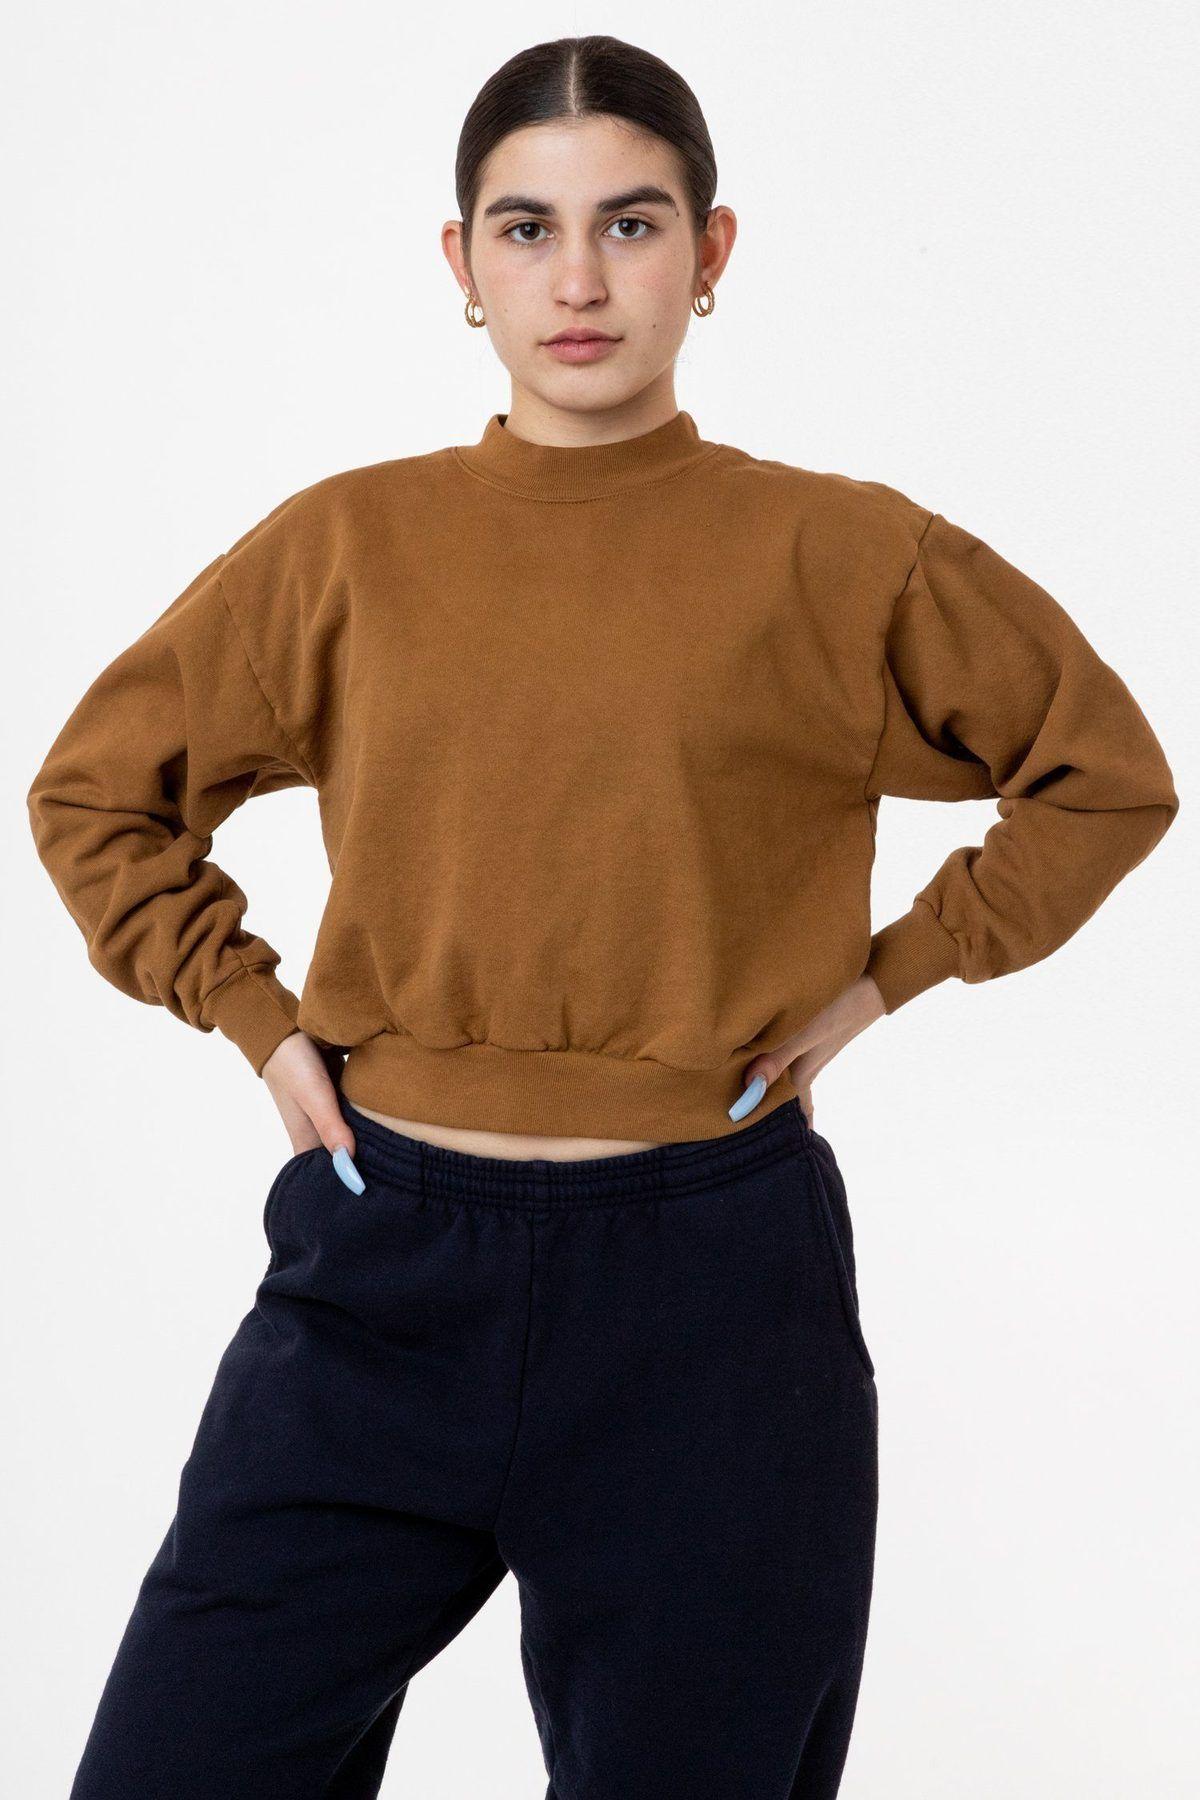 Hf06gd 14 Oz Garment Dye Heavy Fleece Cropped Mock Neck Pullover In 2020 Garment Dye High Waisted Pants Sweatshirts Women